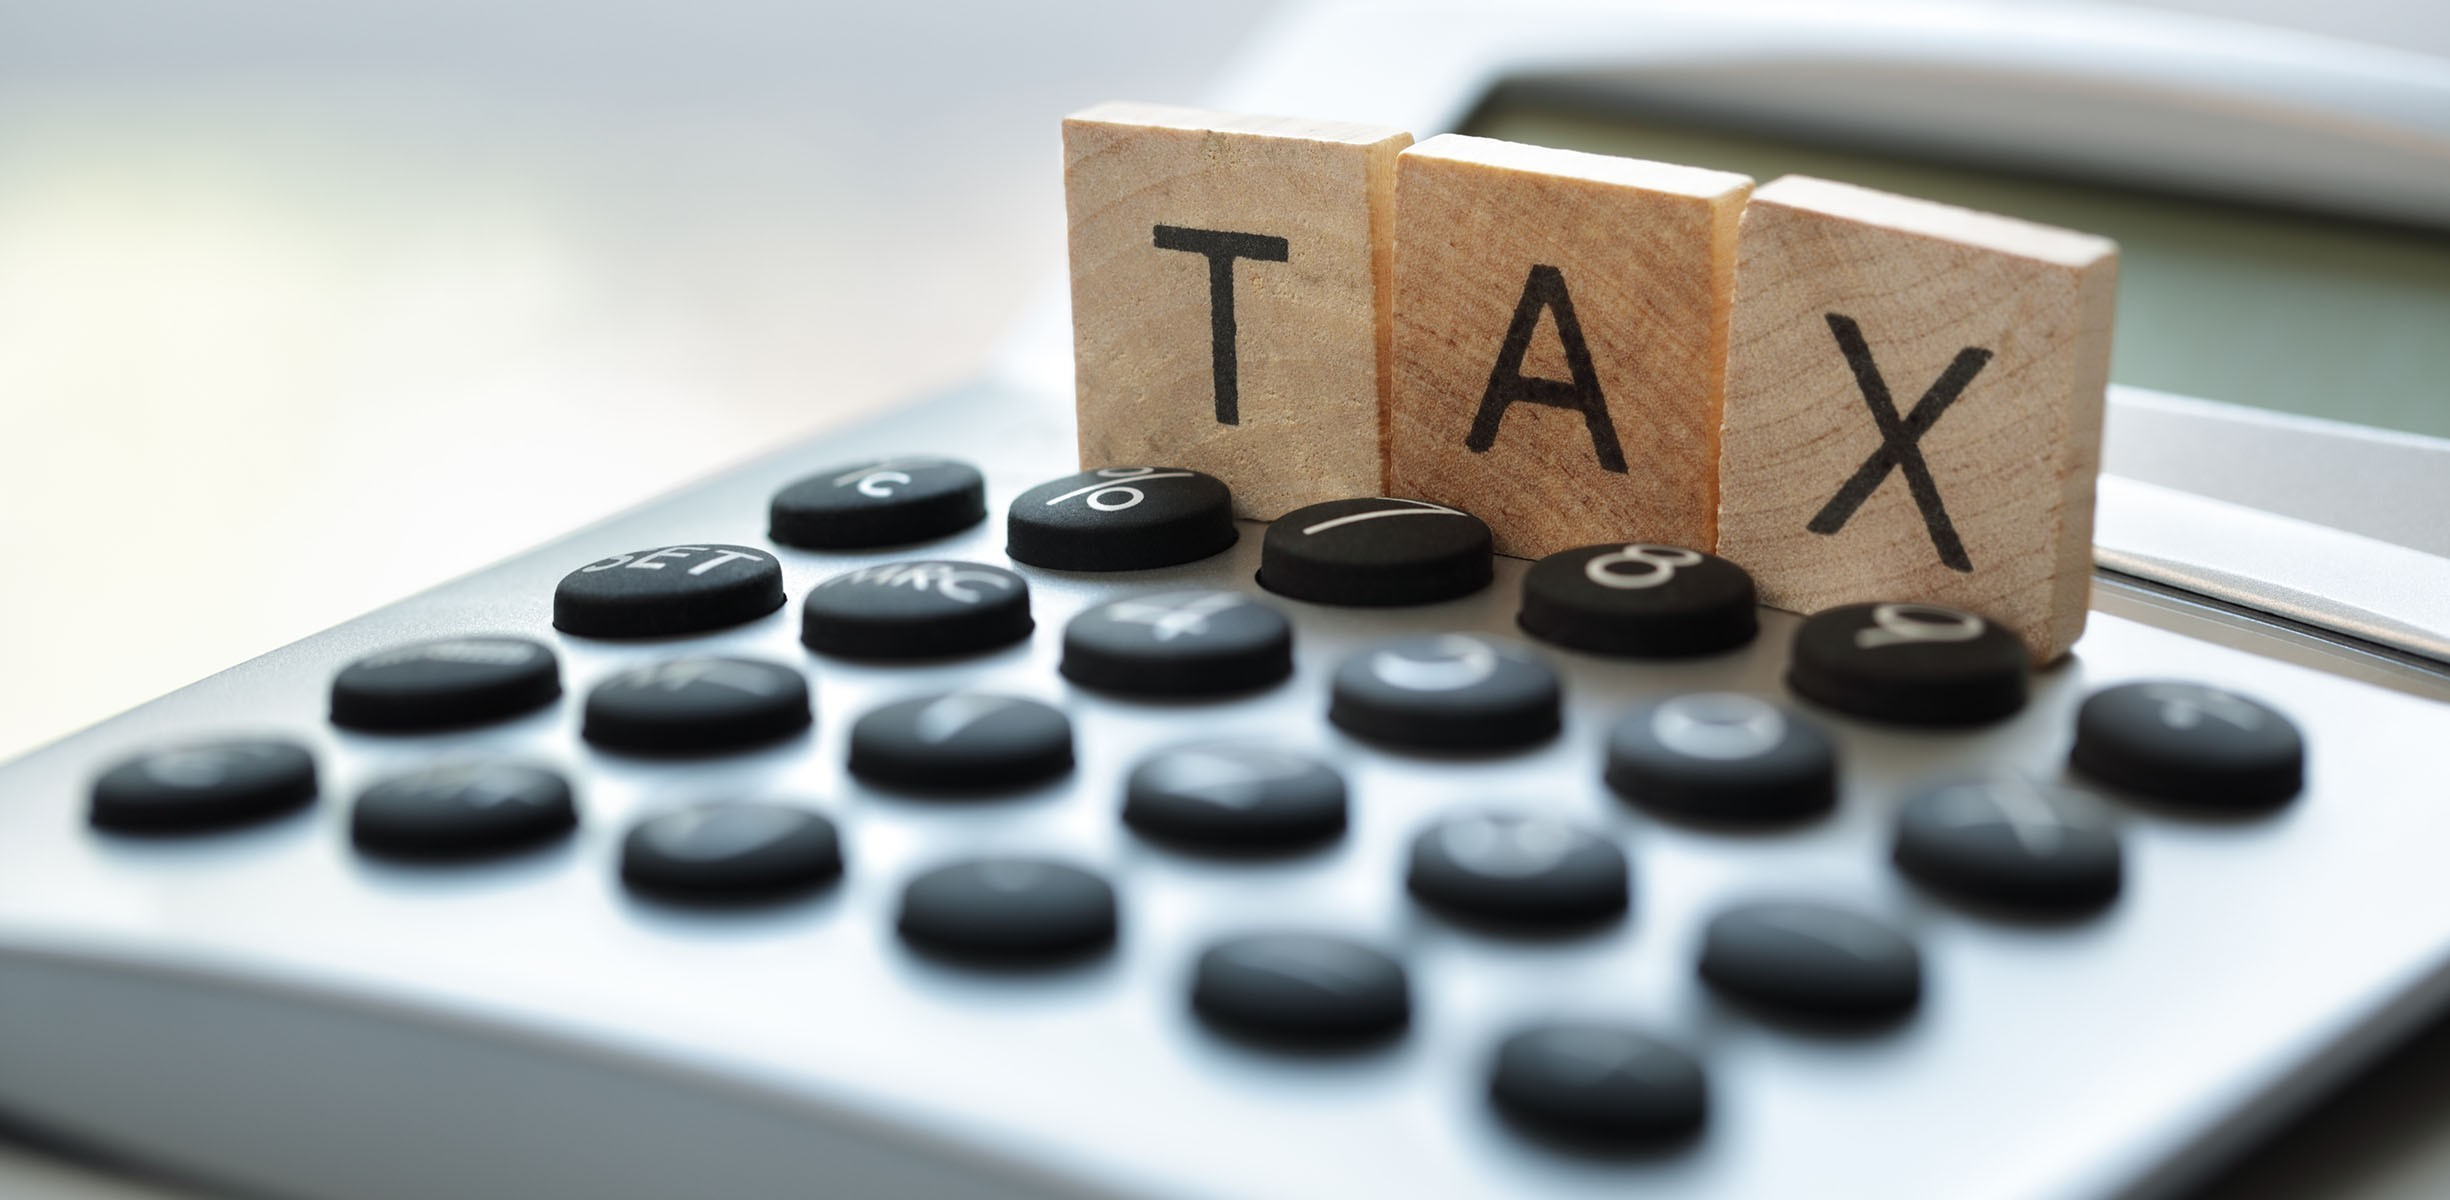 Guvernul lasă Parlamentul să decidă de la sumă se vor impozita cumpărăturile de pe site-urile internaționale, livrate prin poștă